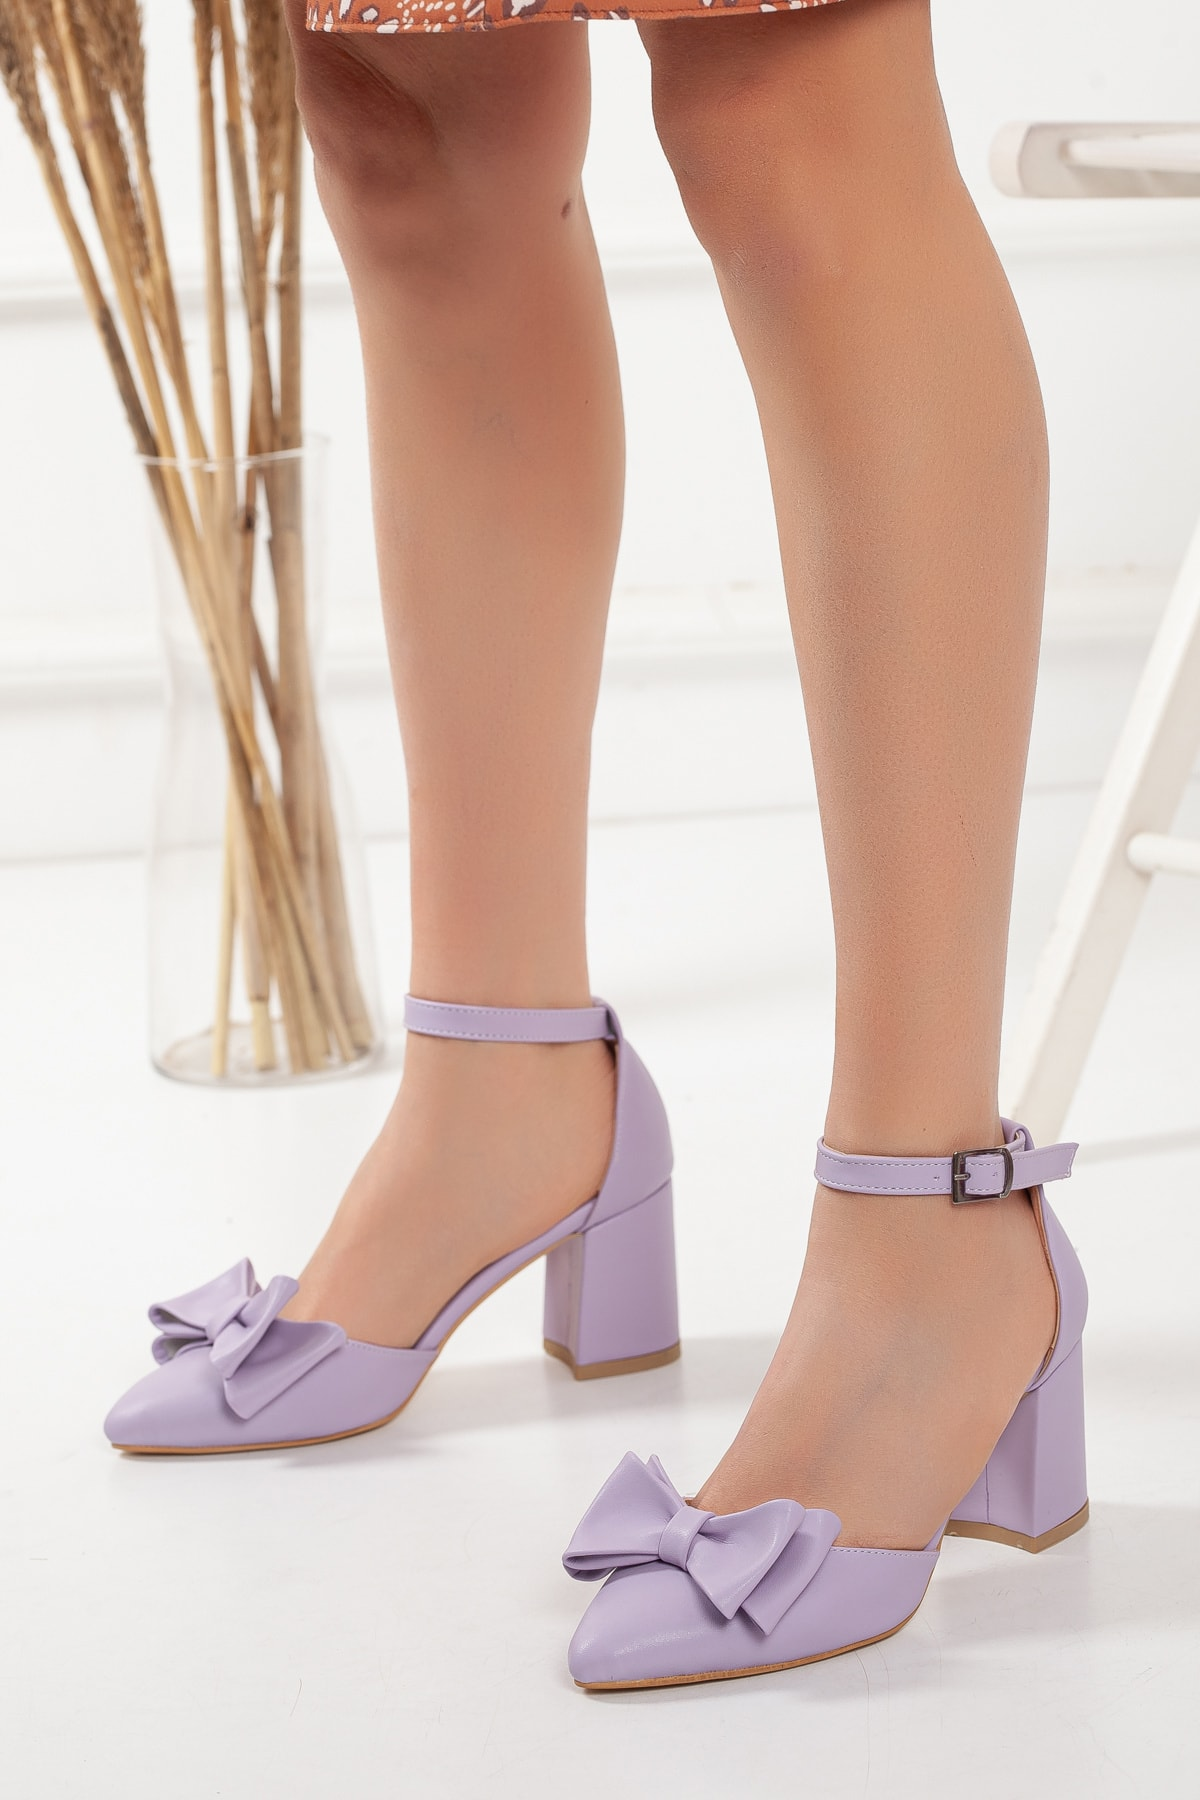 Kadın Lila Fiyonklu Ortası Açık Kalın Topuklu Ayakkabı